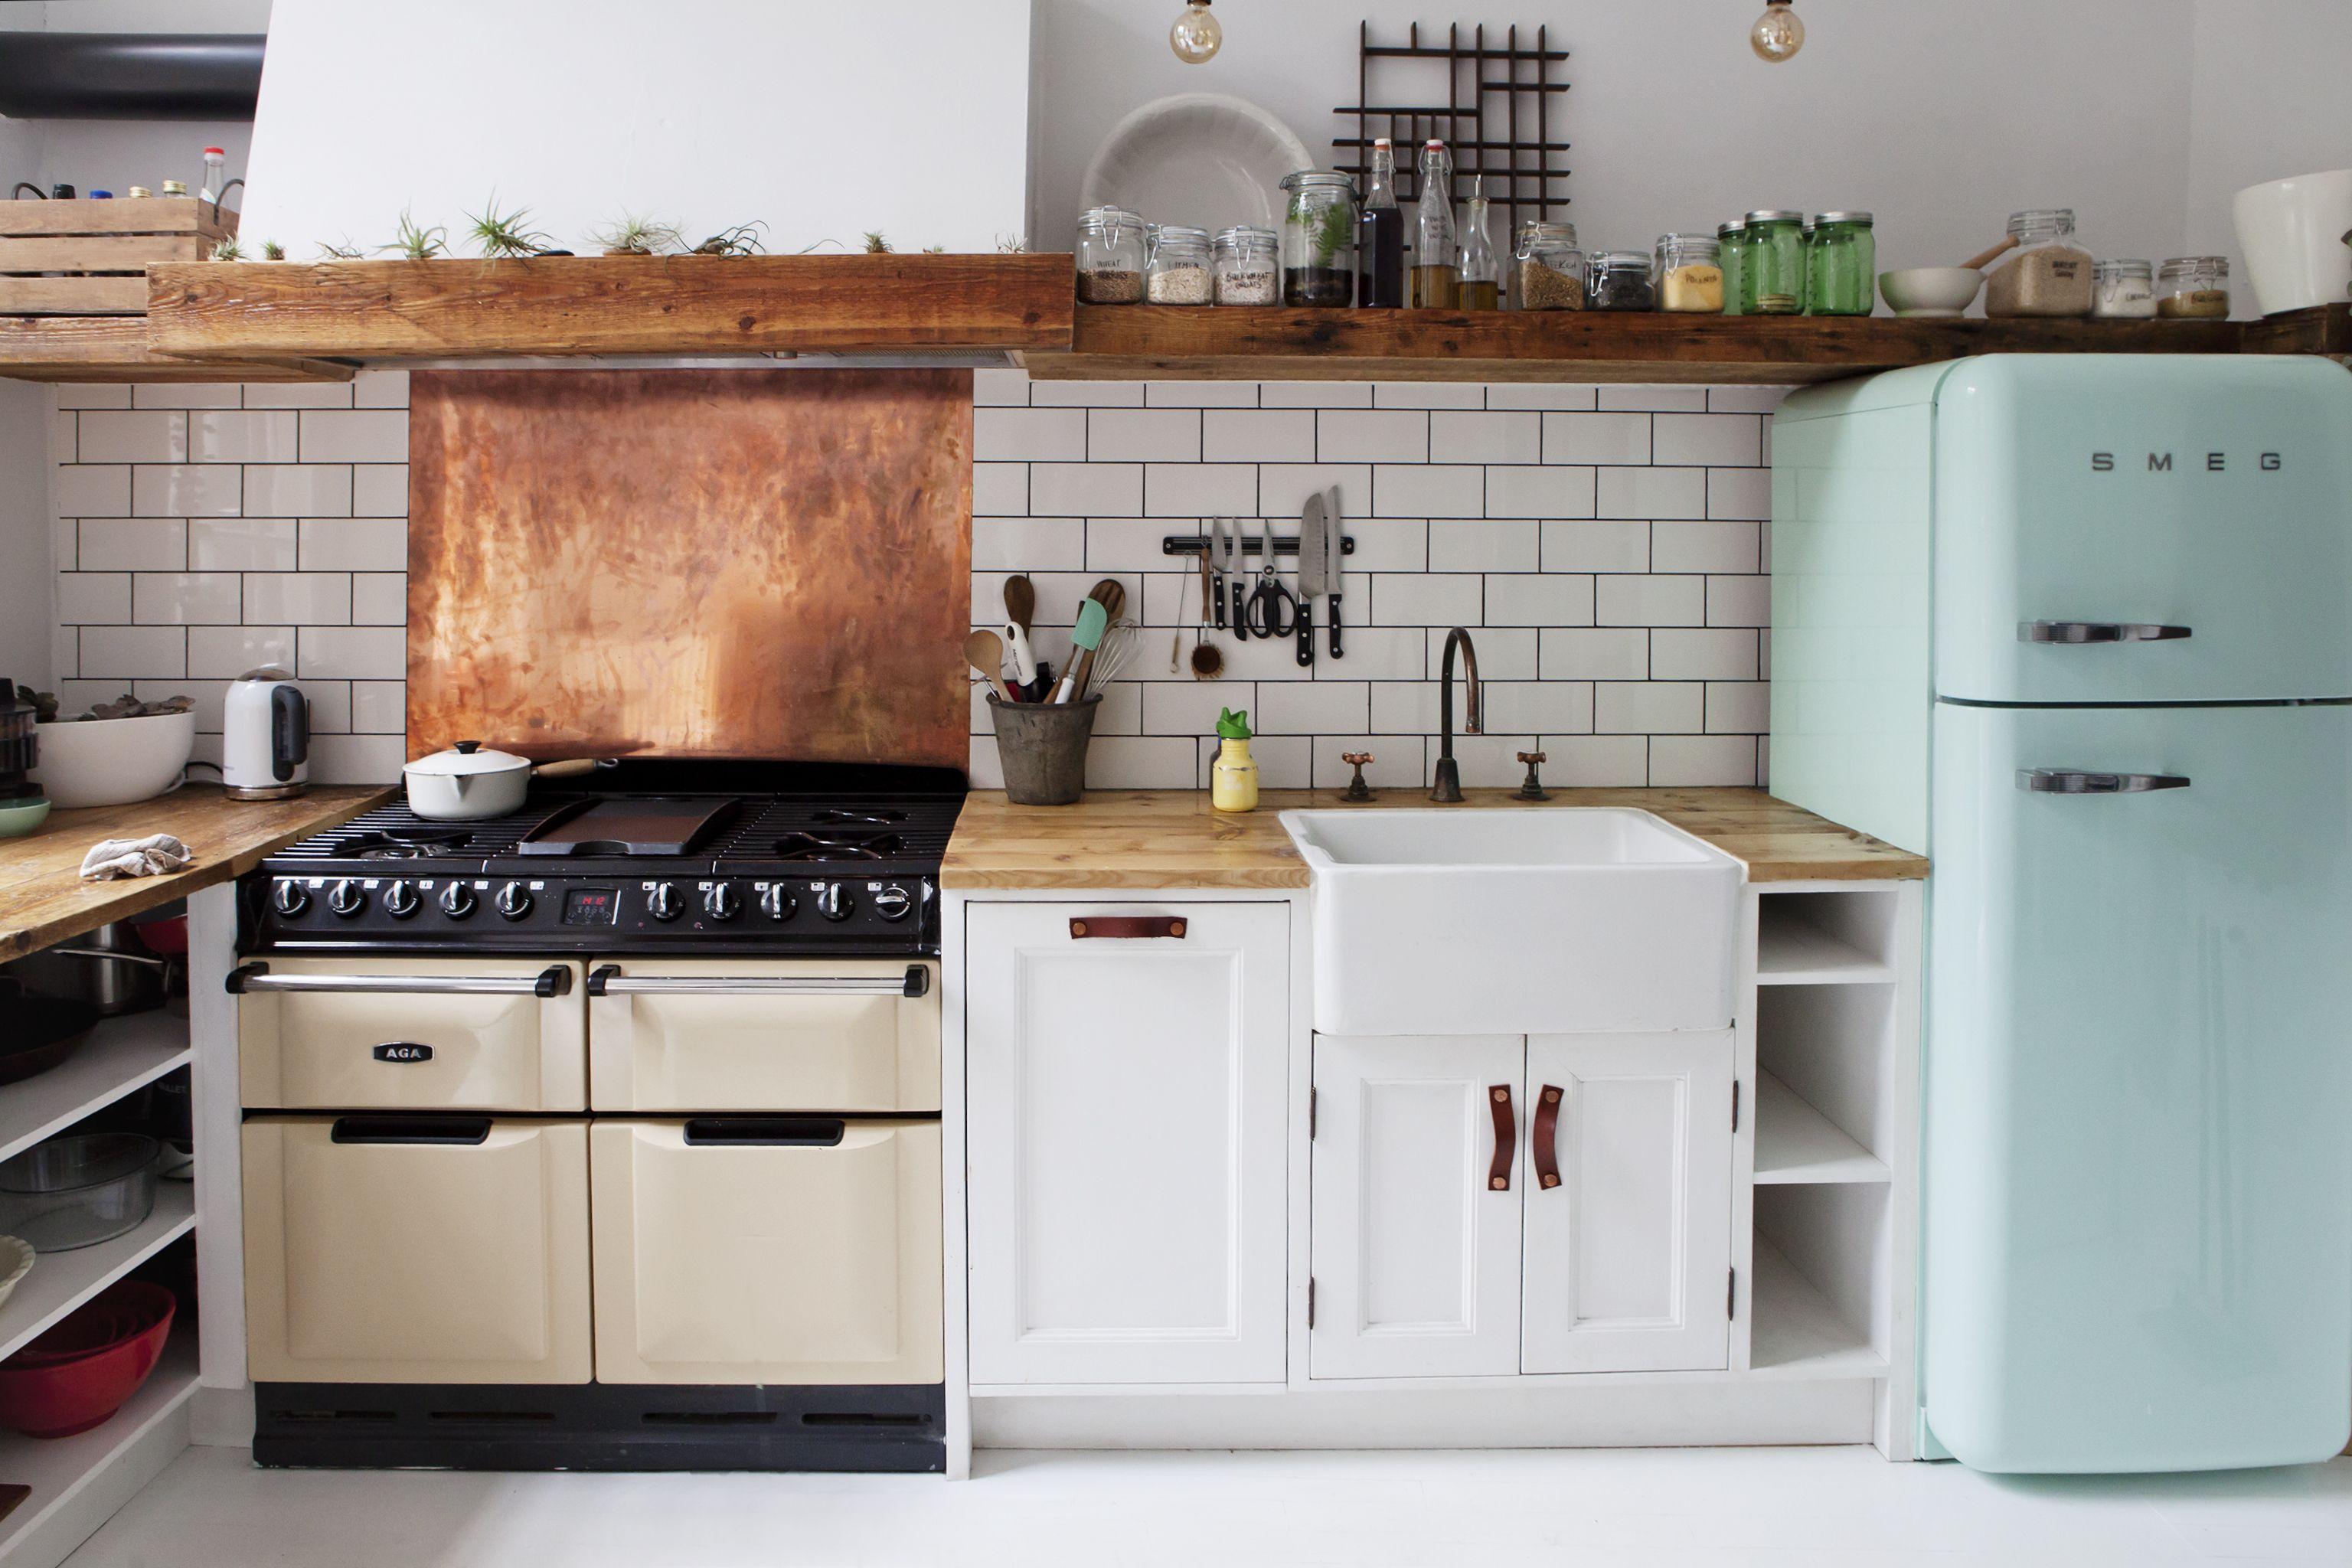 Kühlschrank Deko : Www.megabambi.de sieg kühlschrank mint grün küche pinterest